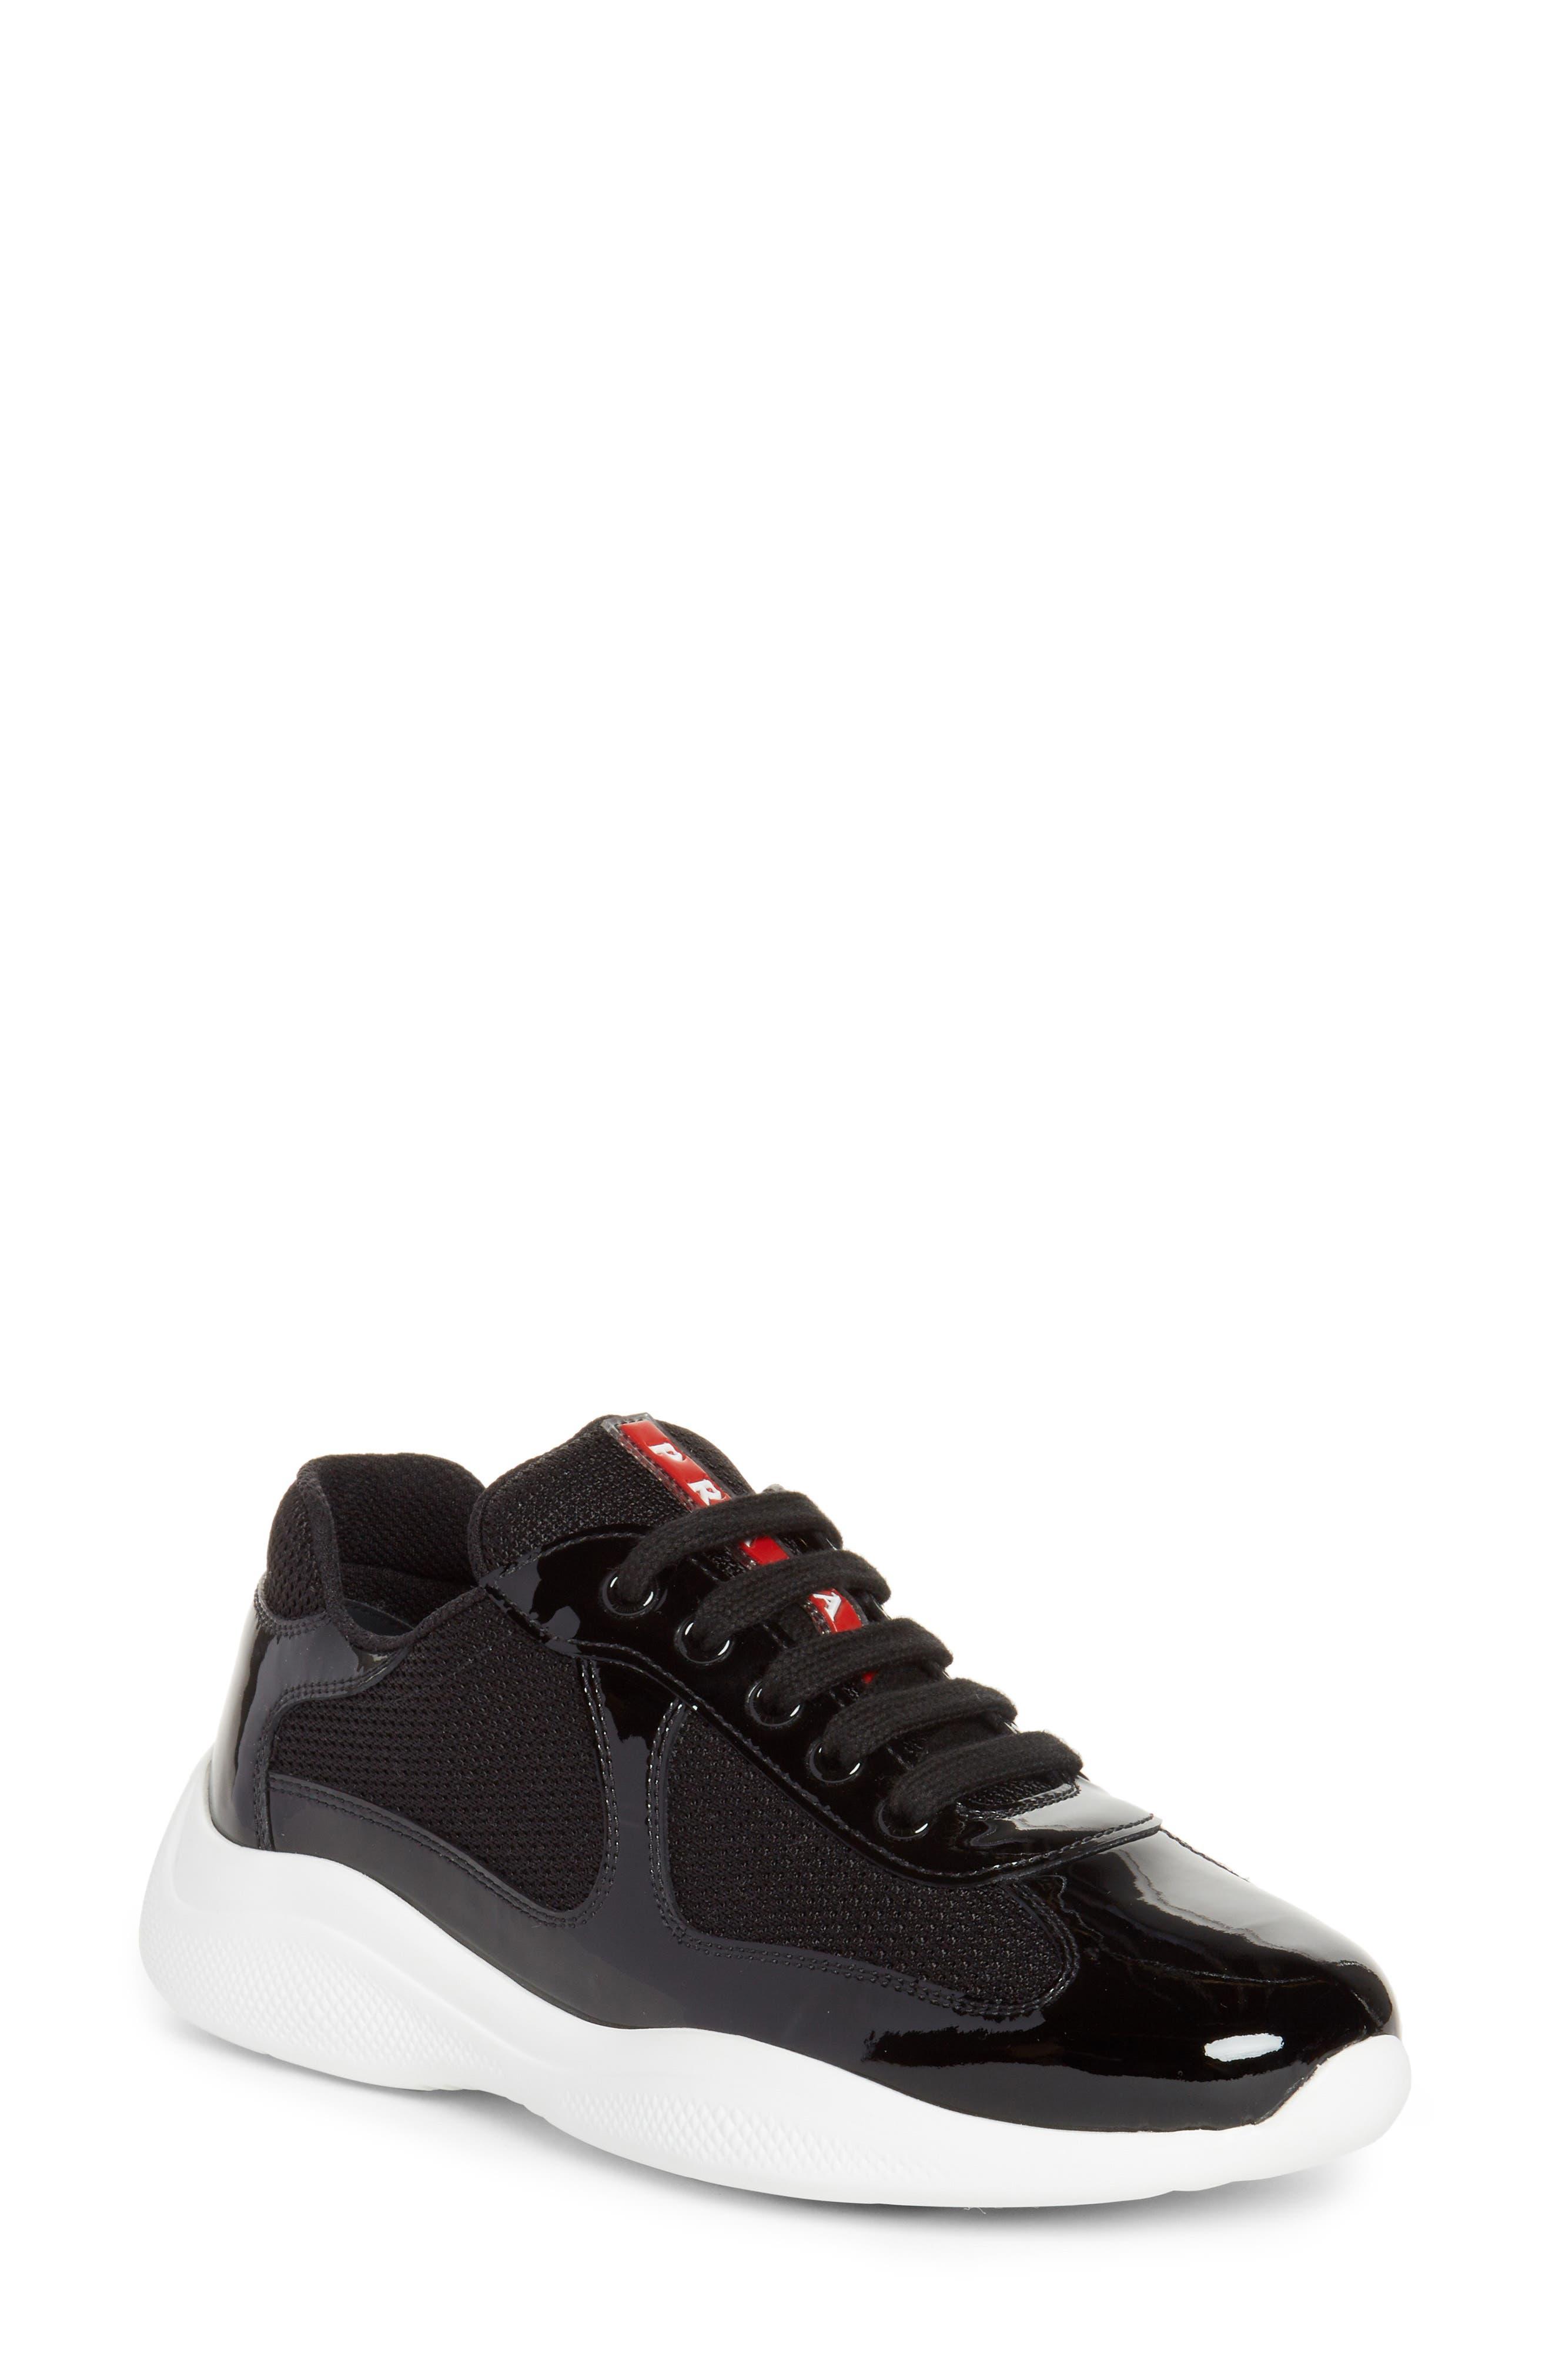 Prada Low Top Sneaker (Women)